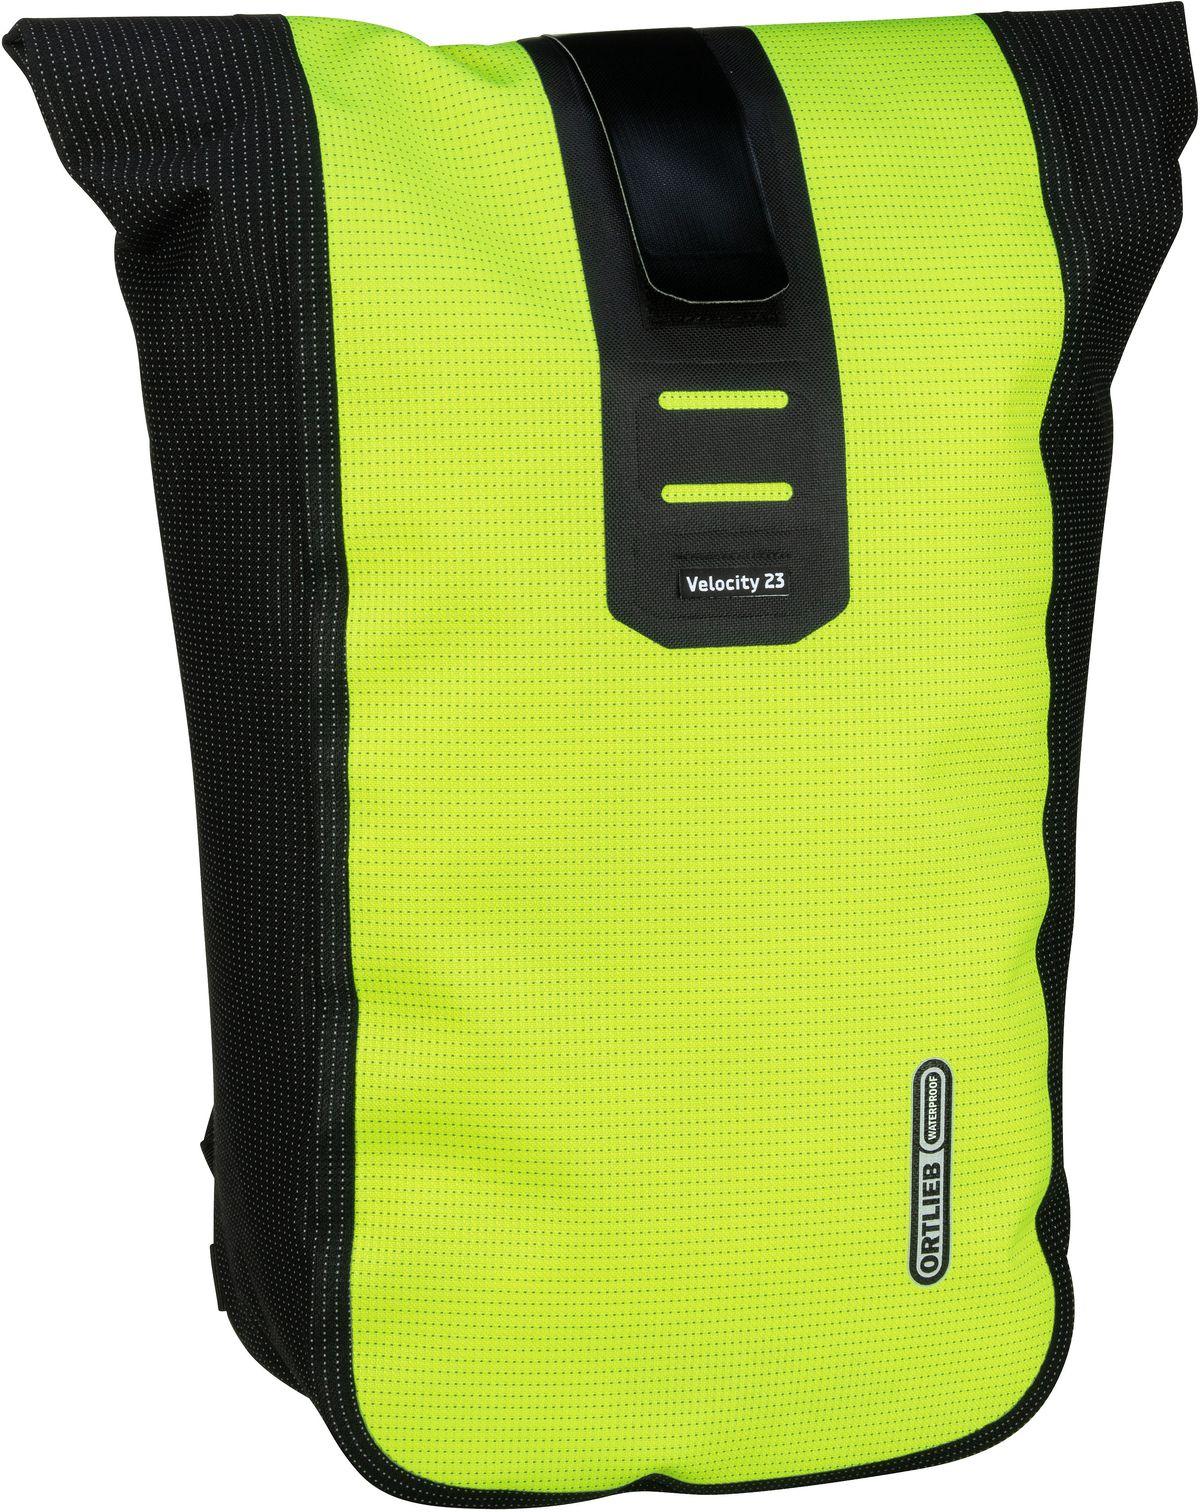 Rucksack / Daypack Velocity High Visibility Neongelb-Schwarz Reflex (23 Liter)